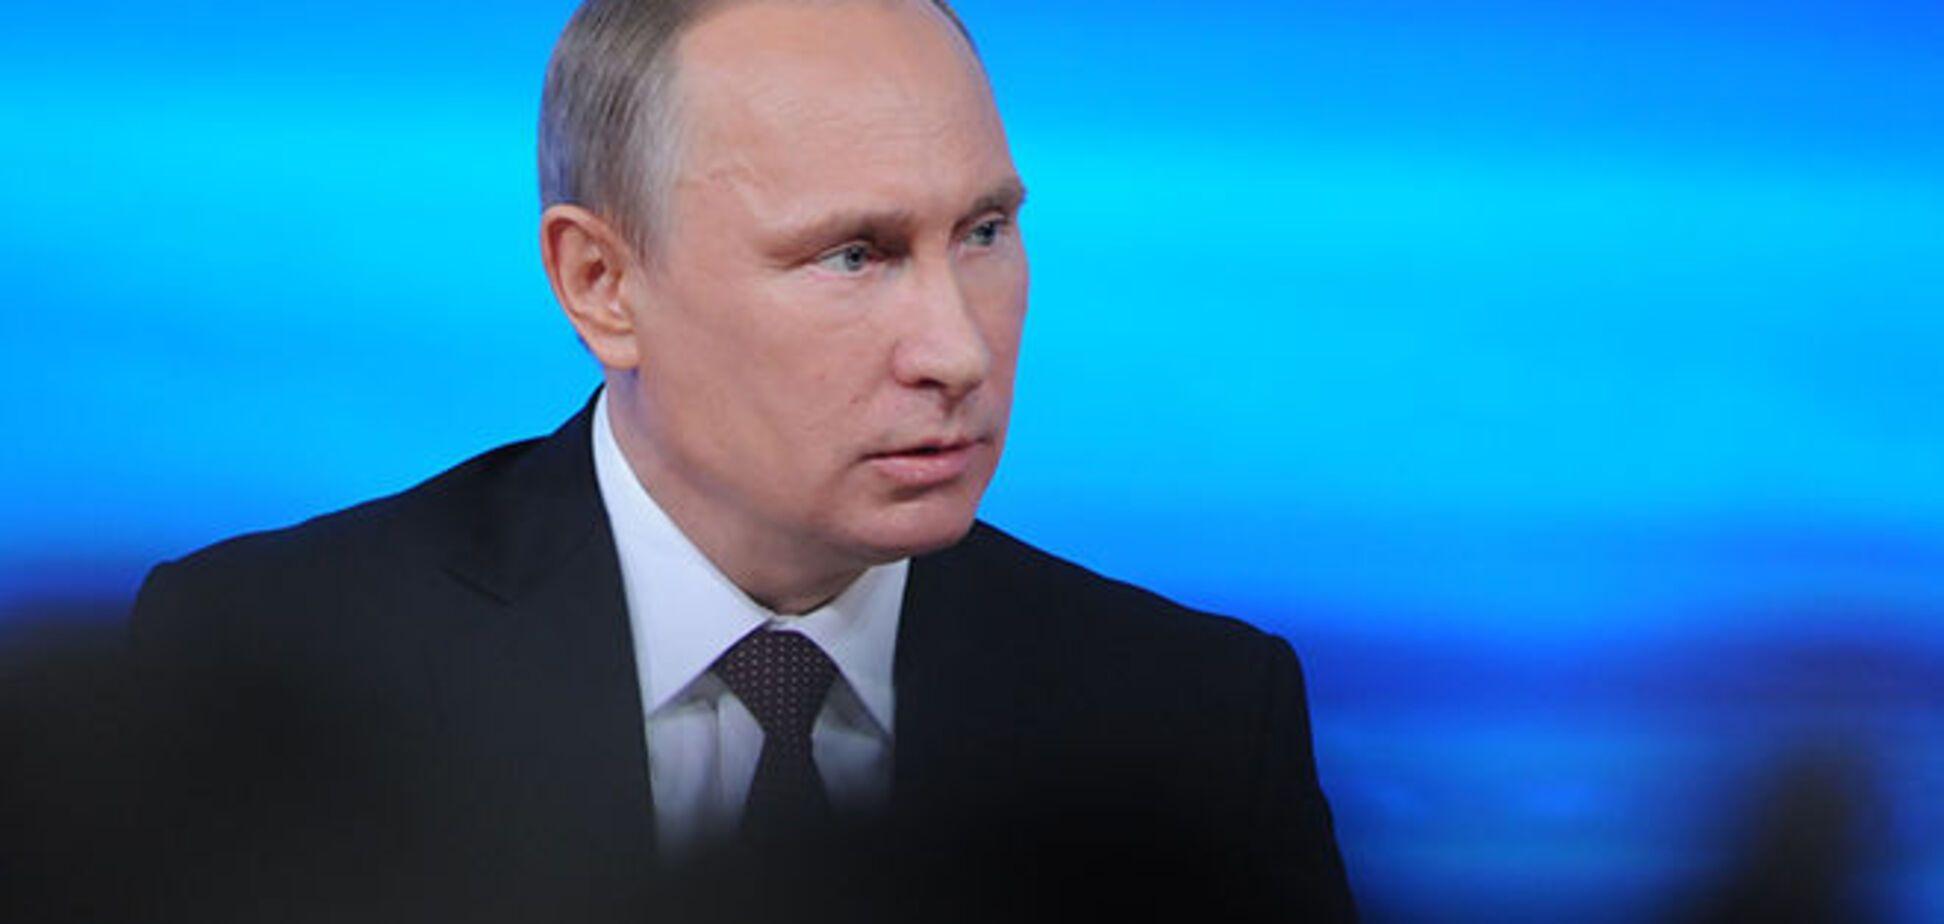 Пророссийская политика смертельна